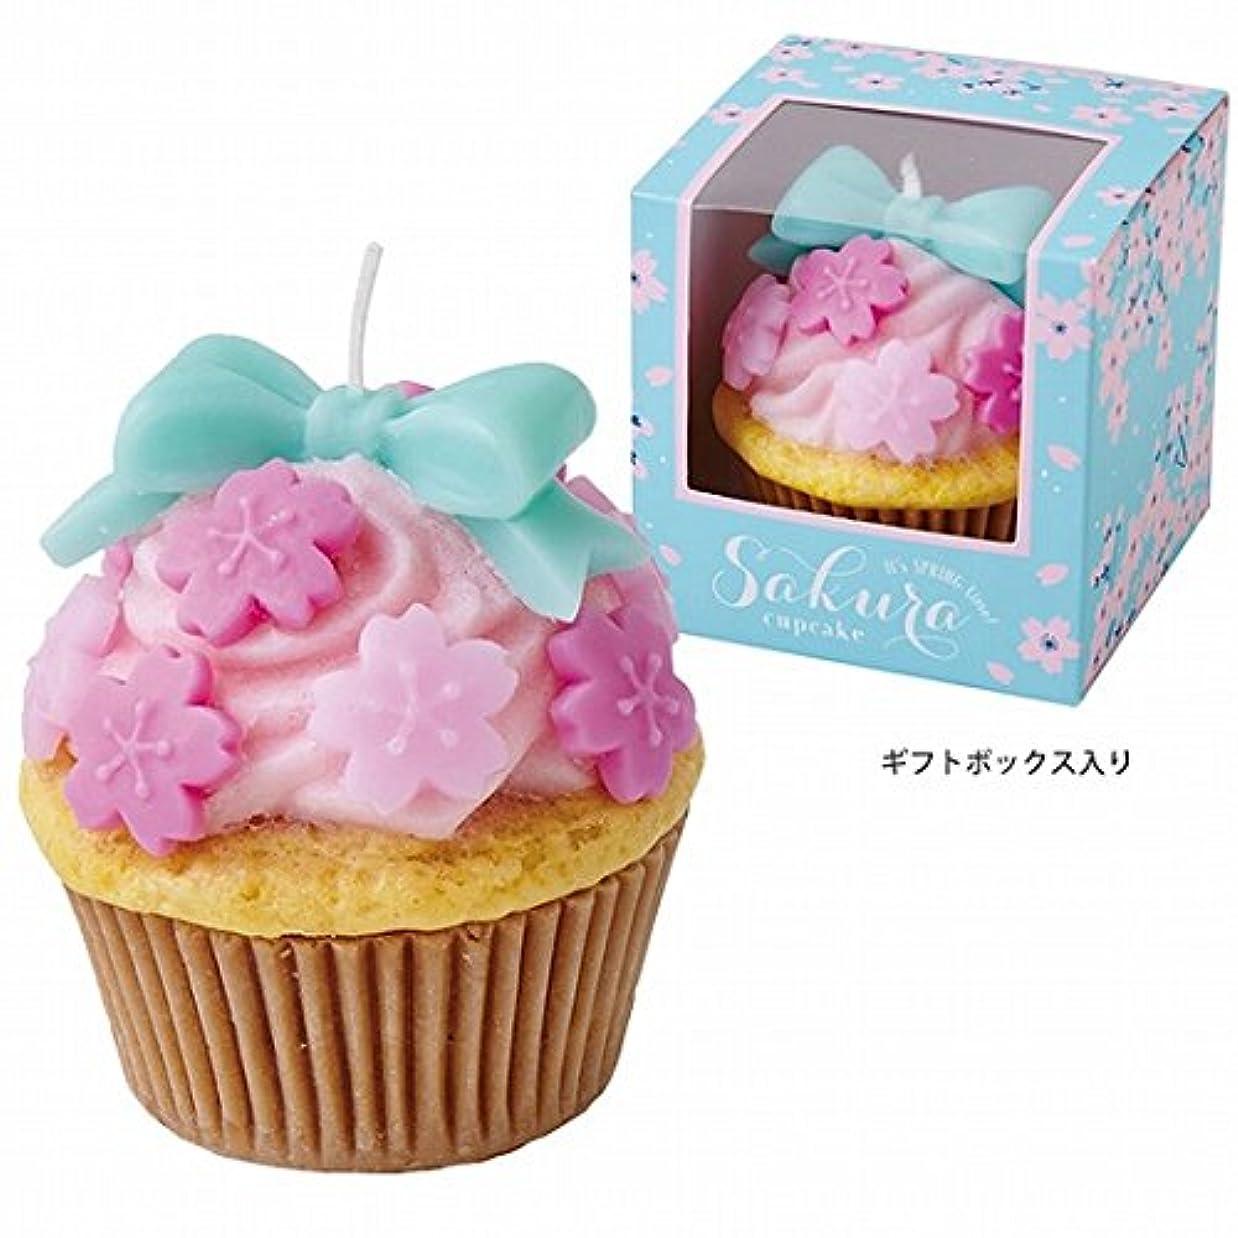 モンゴメリーモッキンバード粒子カメヤマキャンドル( kameyama candle ) SAKURAカップケーキ キャンドル